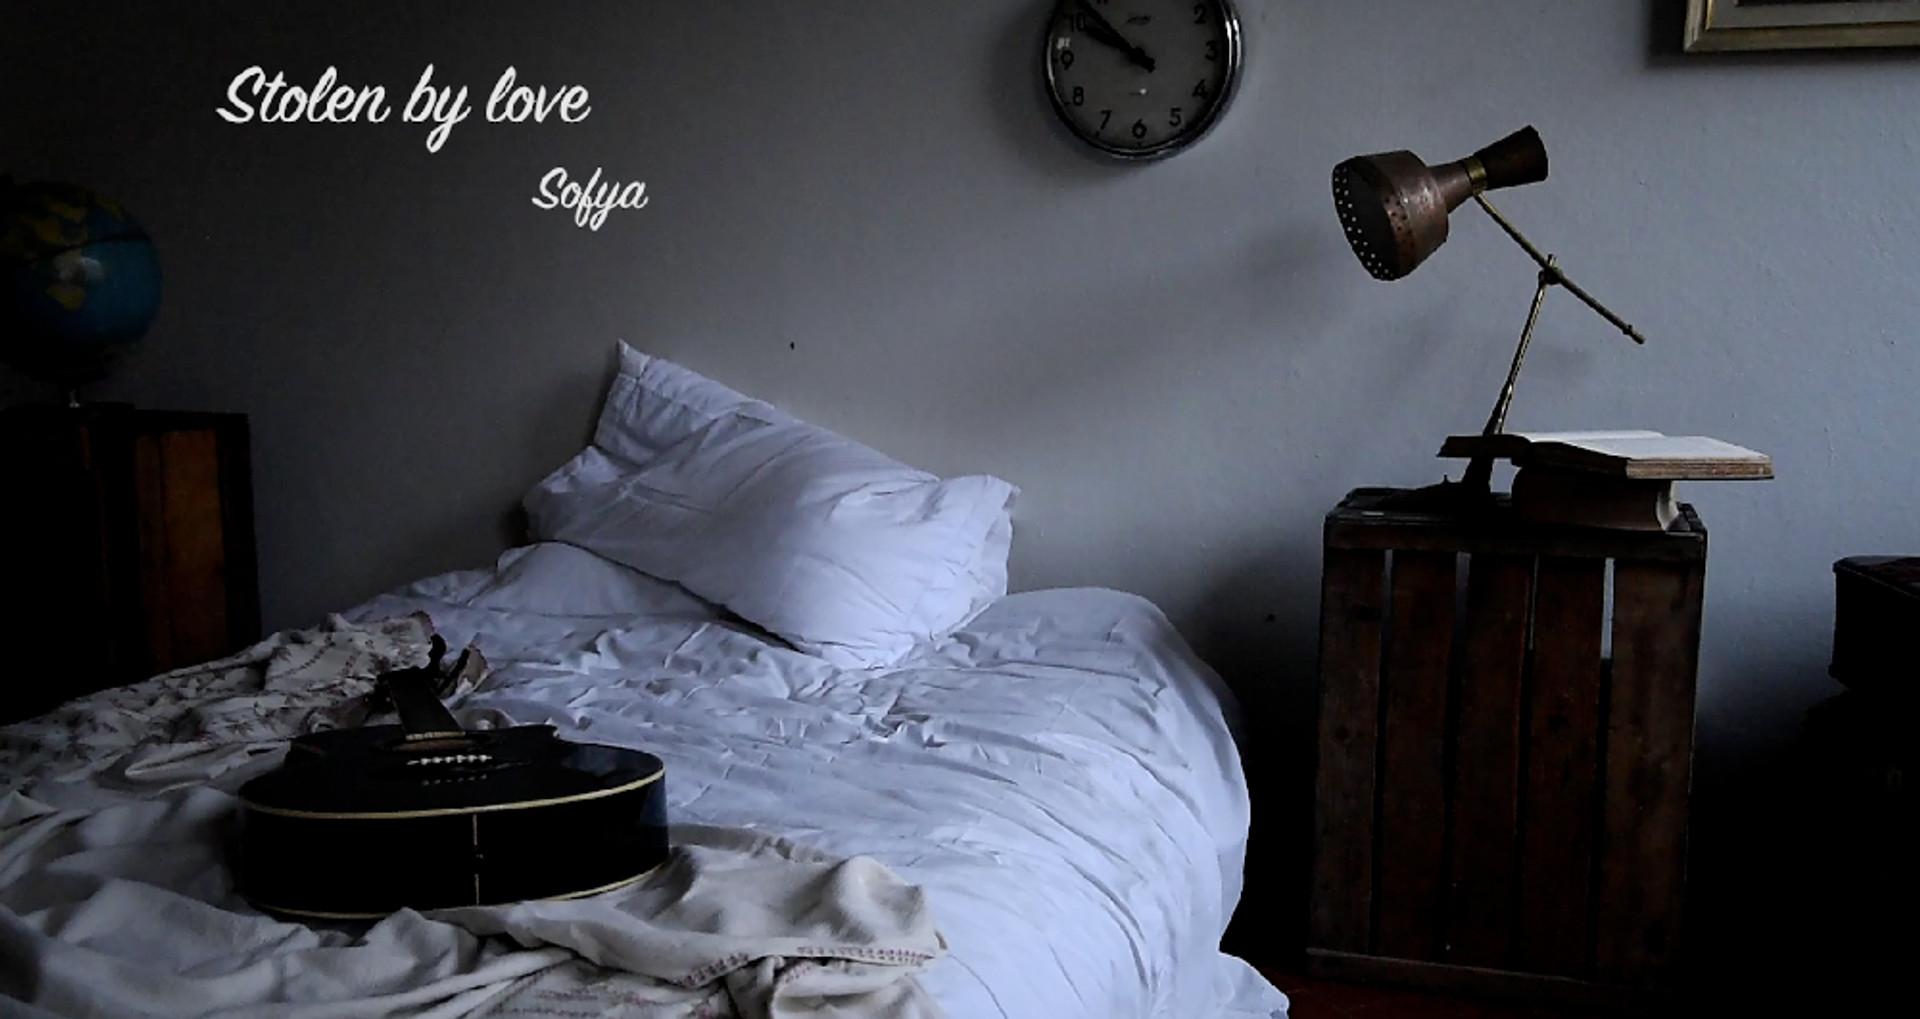 Stolen by love - Sofia Marcaccini